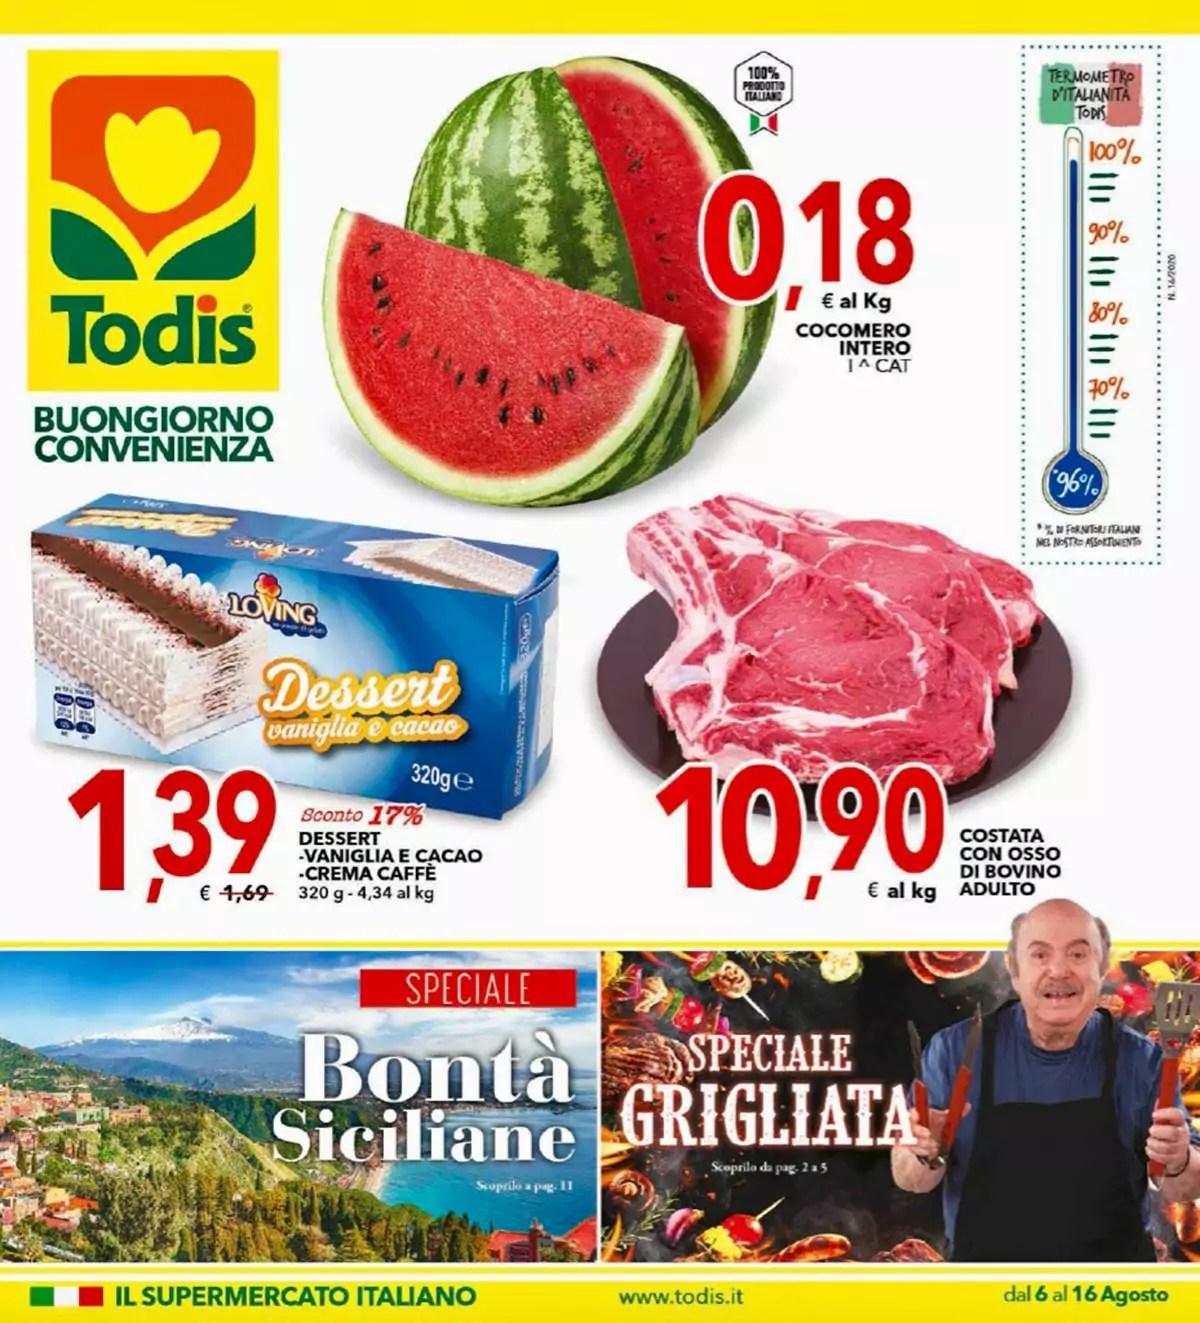 Todis-offerta-anguria-Puglia-Ferragosto-2020